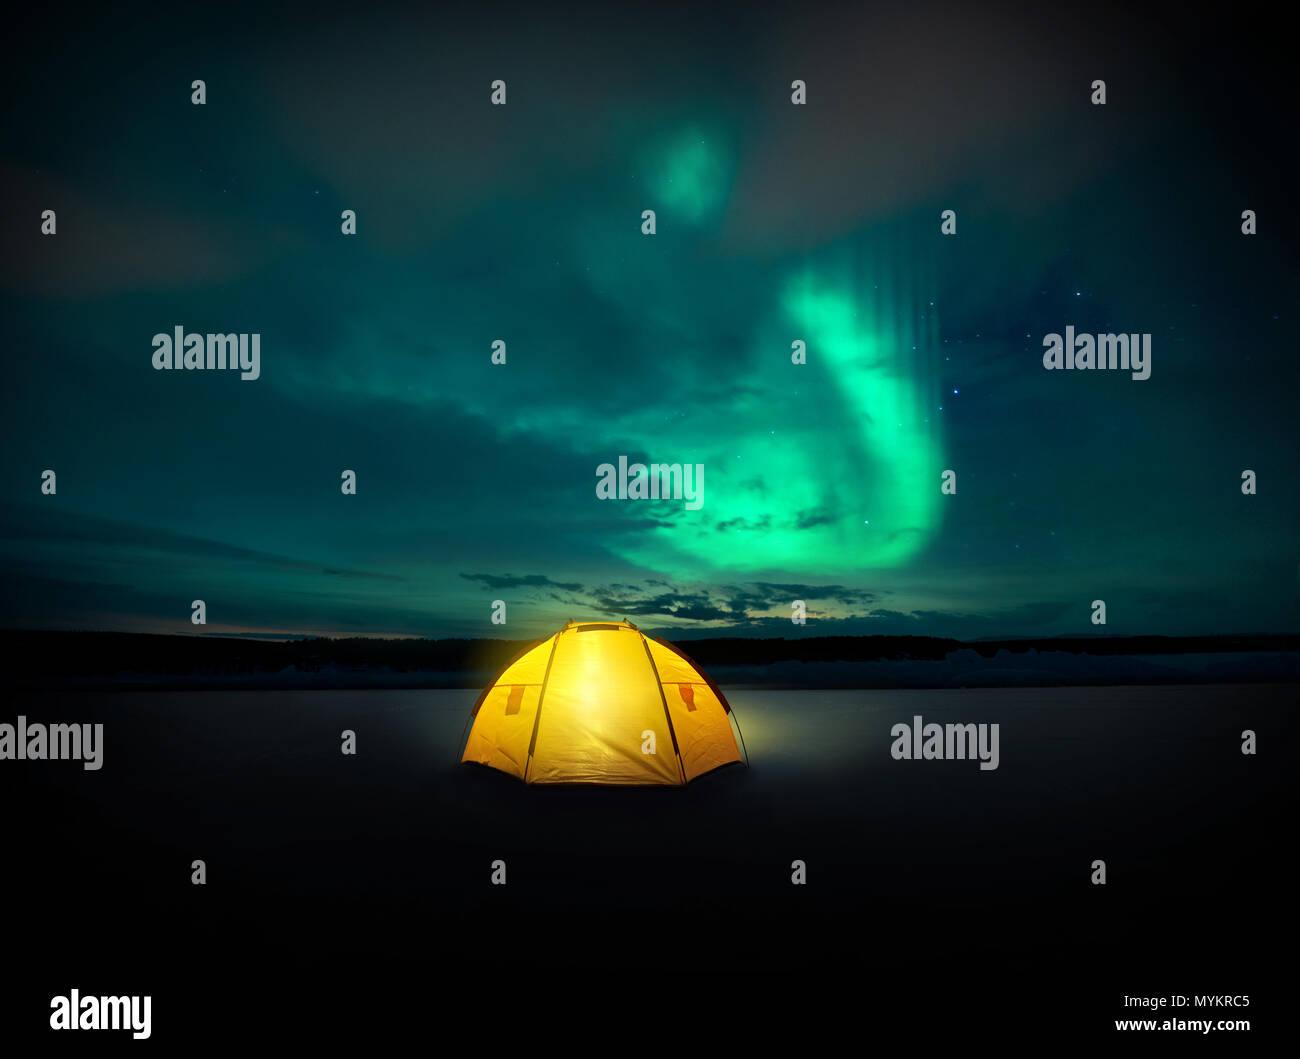 In der Wildnis der Norther lights (Aurora Borealis) Tänze über den Nachthimmel in Schweden, über der glühenden Lichter vom Camping Zelt. Pho Stockbild